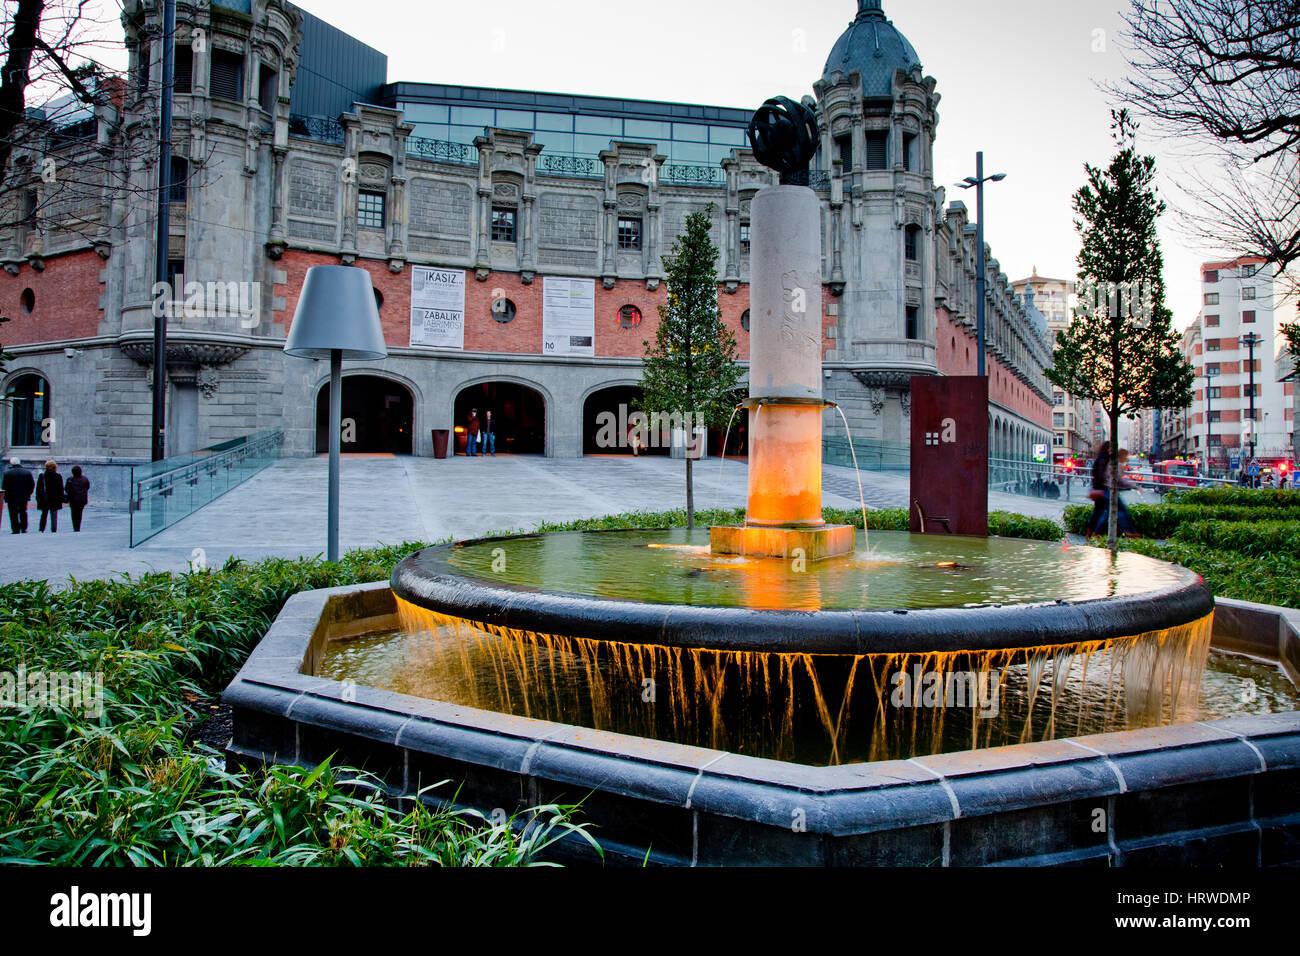 Alhondiga Bilbao (multi-purpose public edifice).  Bilbao, Bizkaia. Basque Country, Spain. - Stock Image